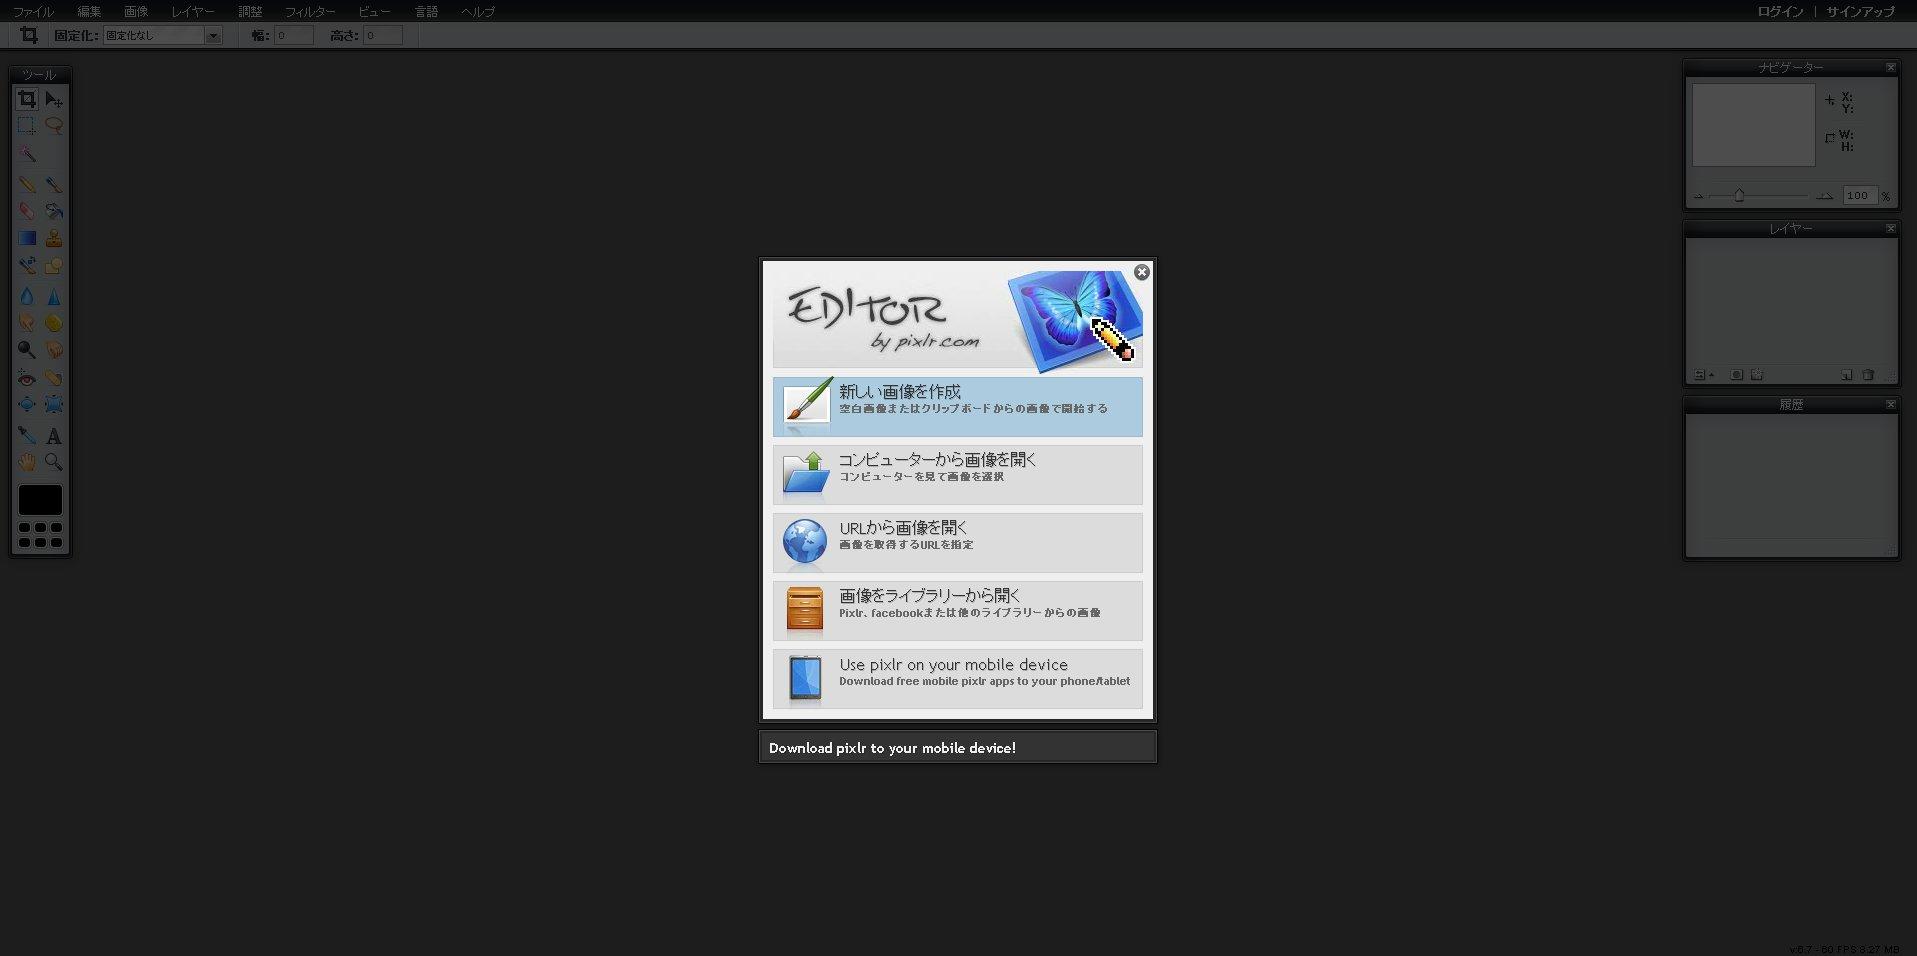 スクリーンショット_100513_011337_PM